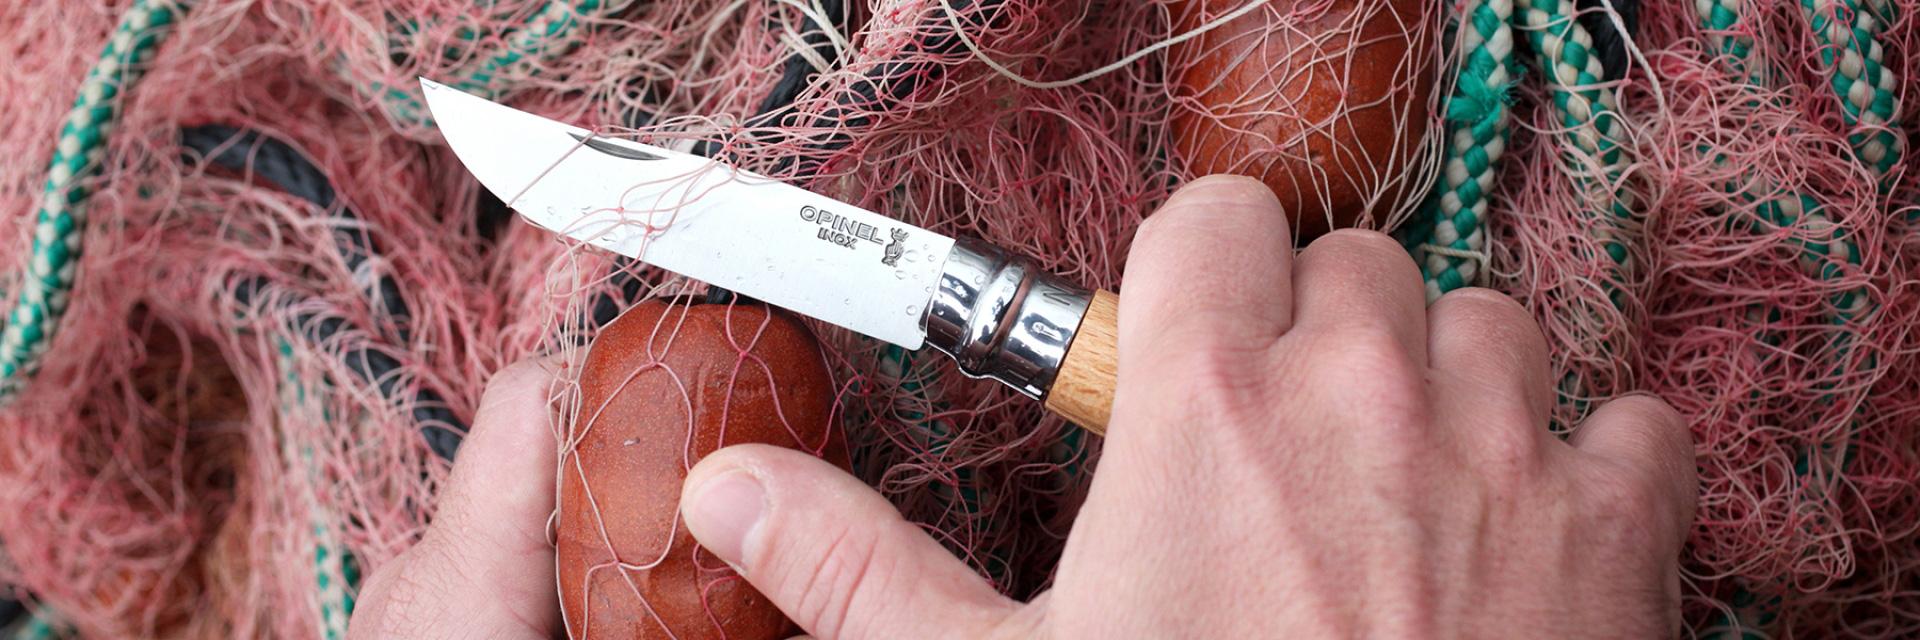 Der Klassiker: N°8N°221: das Fillet-MesserDie Produktpalette umfasst heute auch eine ganze Reihe an Küchenmessern, wie das Brotmesser N°216  Foto: opinel.com